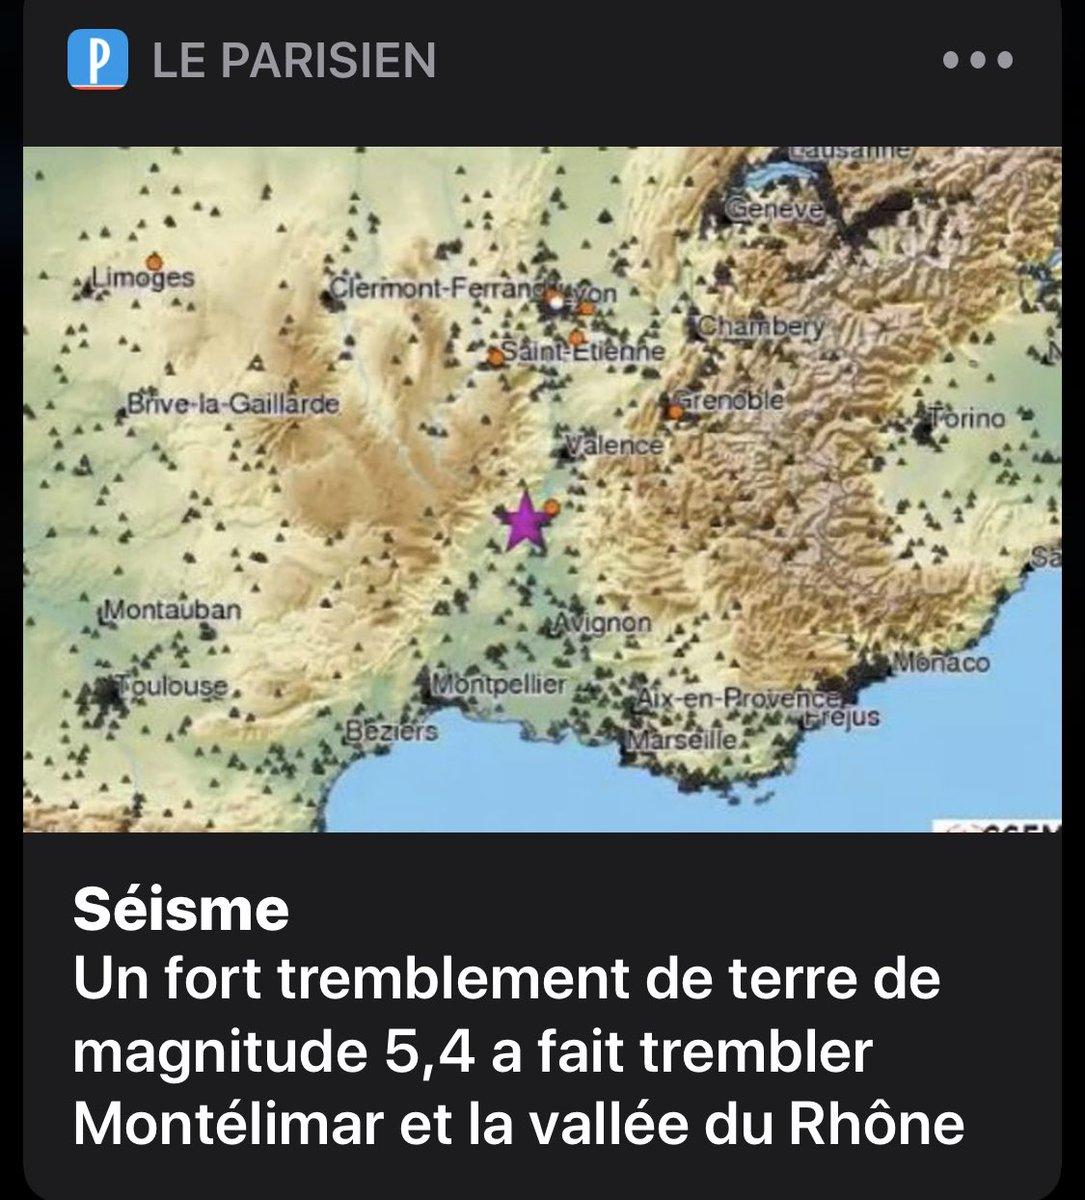 #tremblementdeterre On vit dans un nid nucléaire ☢️, la région lyonnaise est l'une des plus nucléarisée de l'hexagone, ça sent pas bon !!!